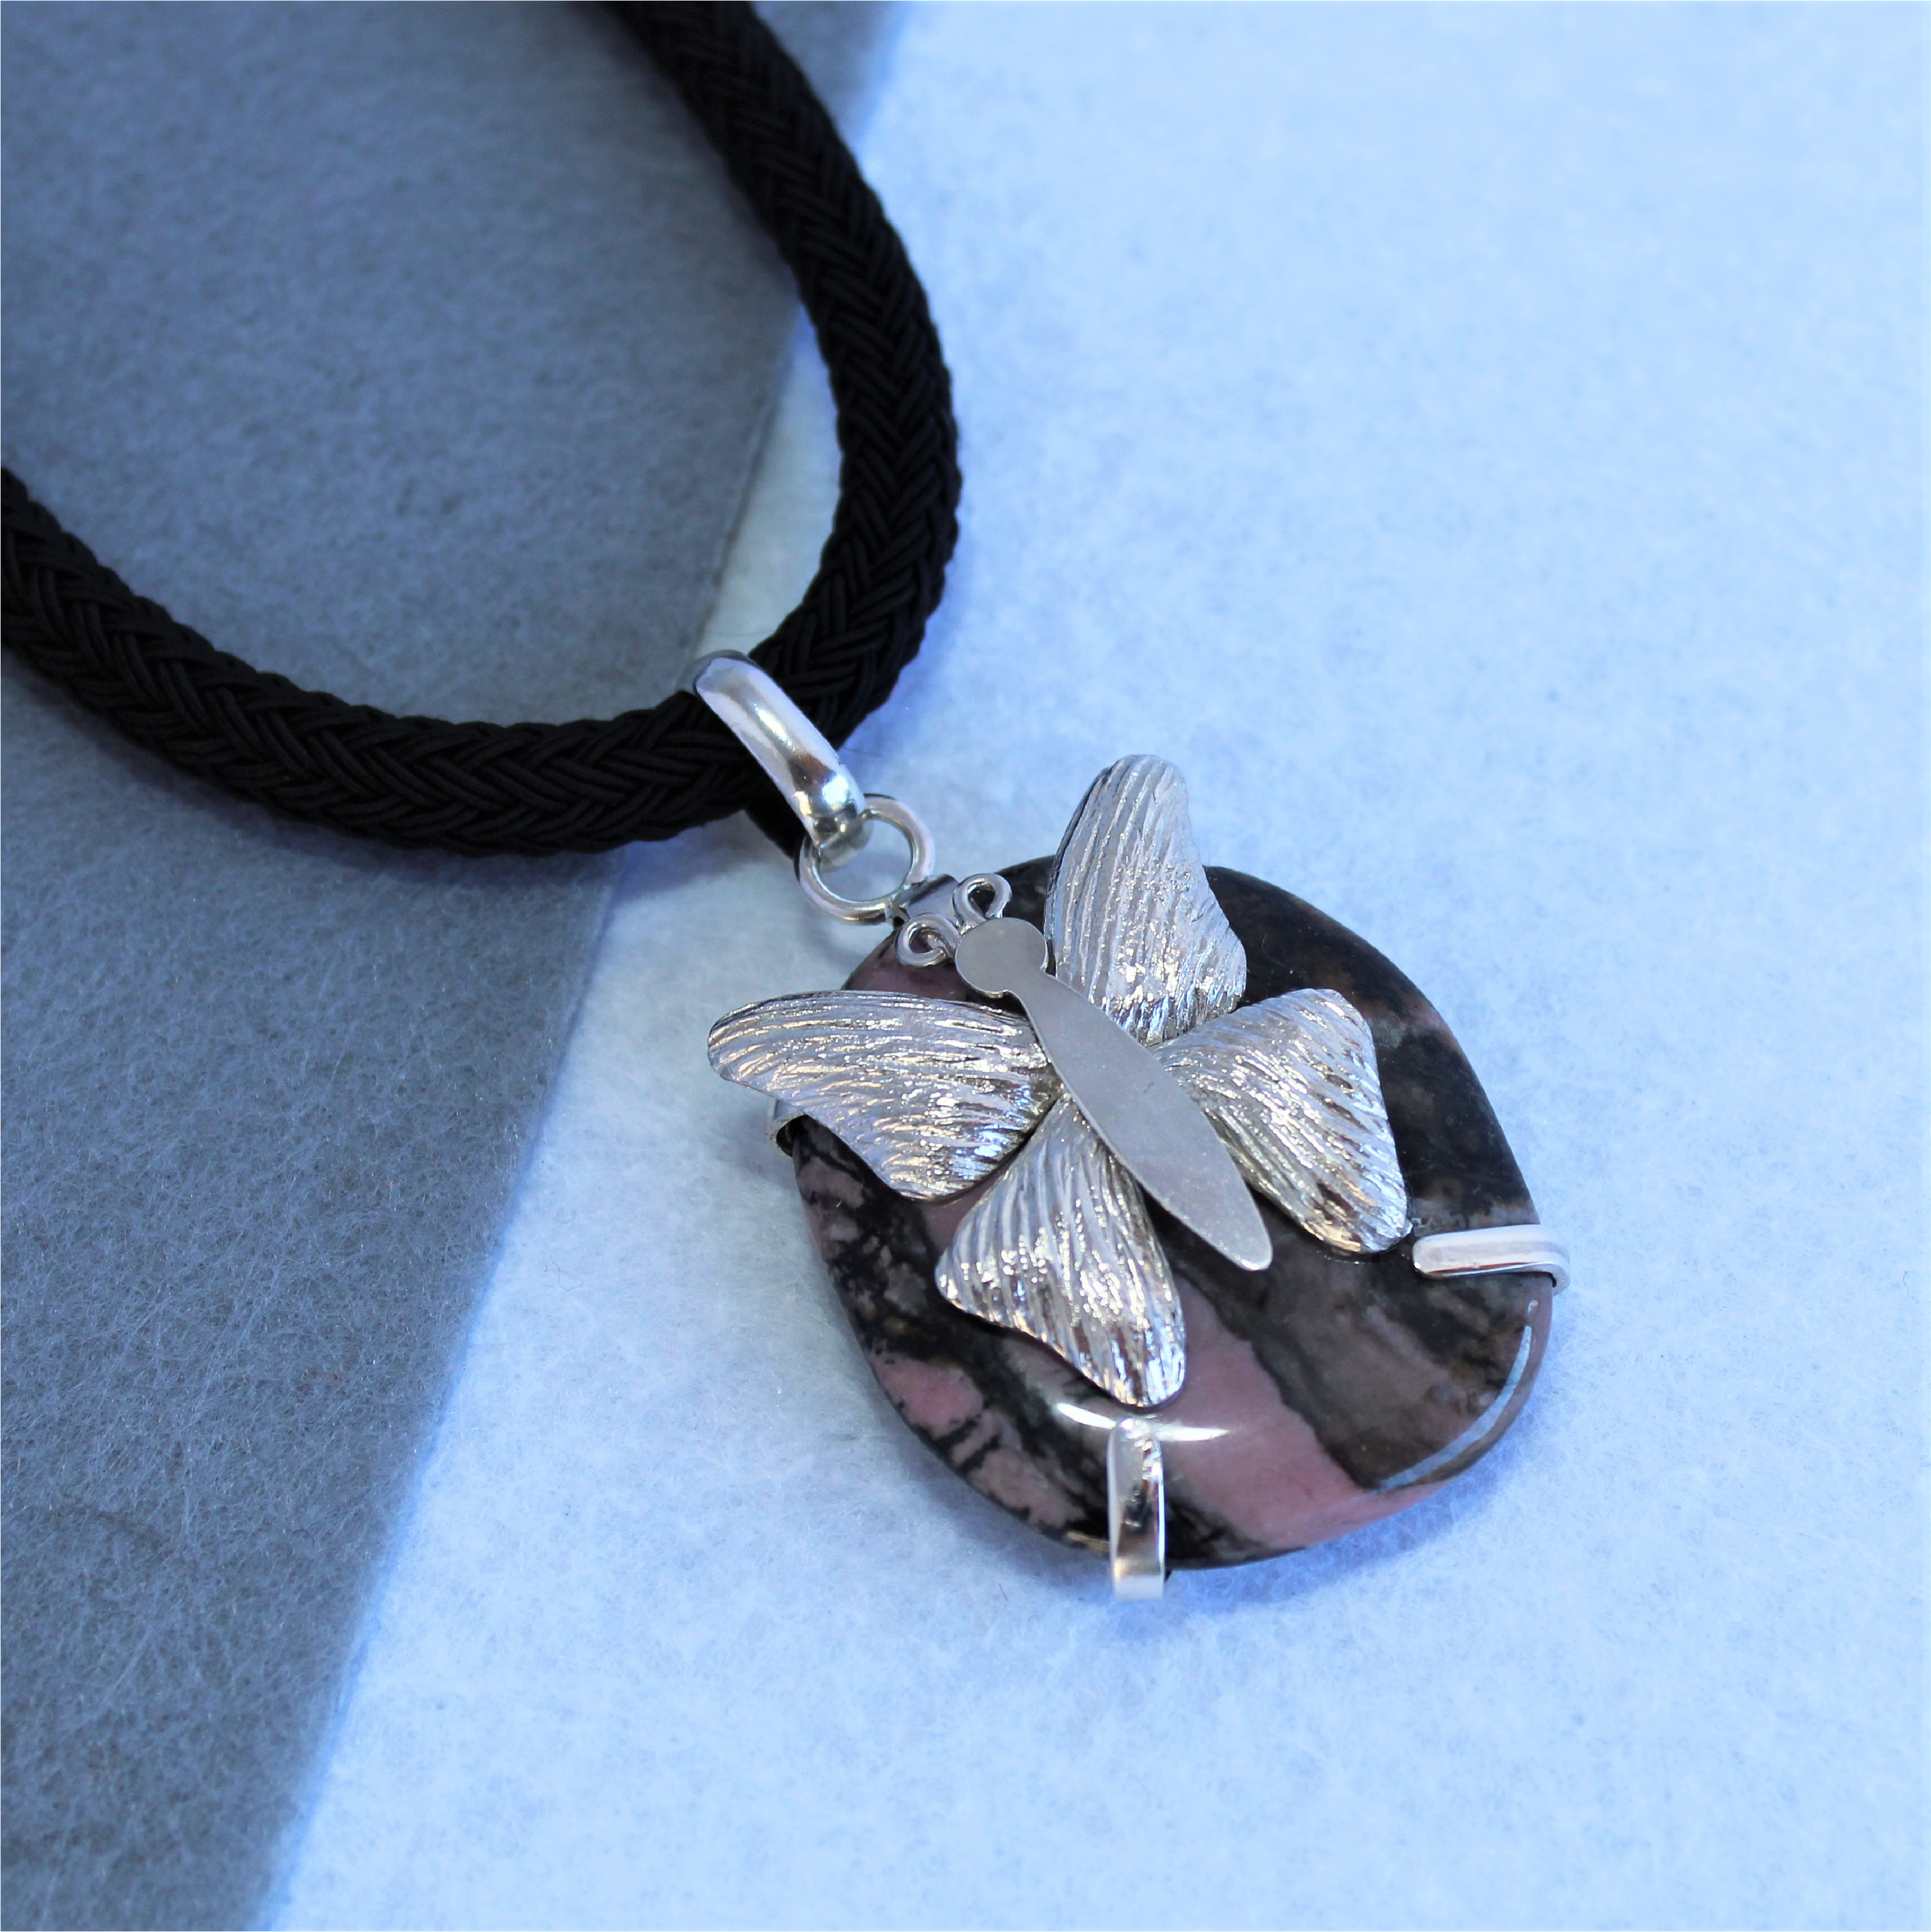 Colgante pieza única con mariposa de plata 925 y rodonita